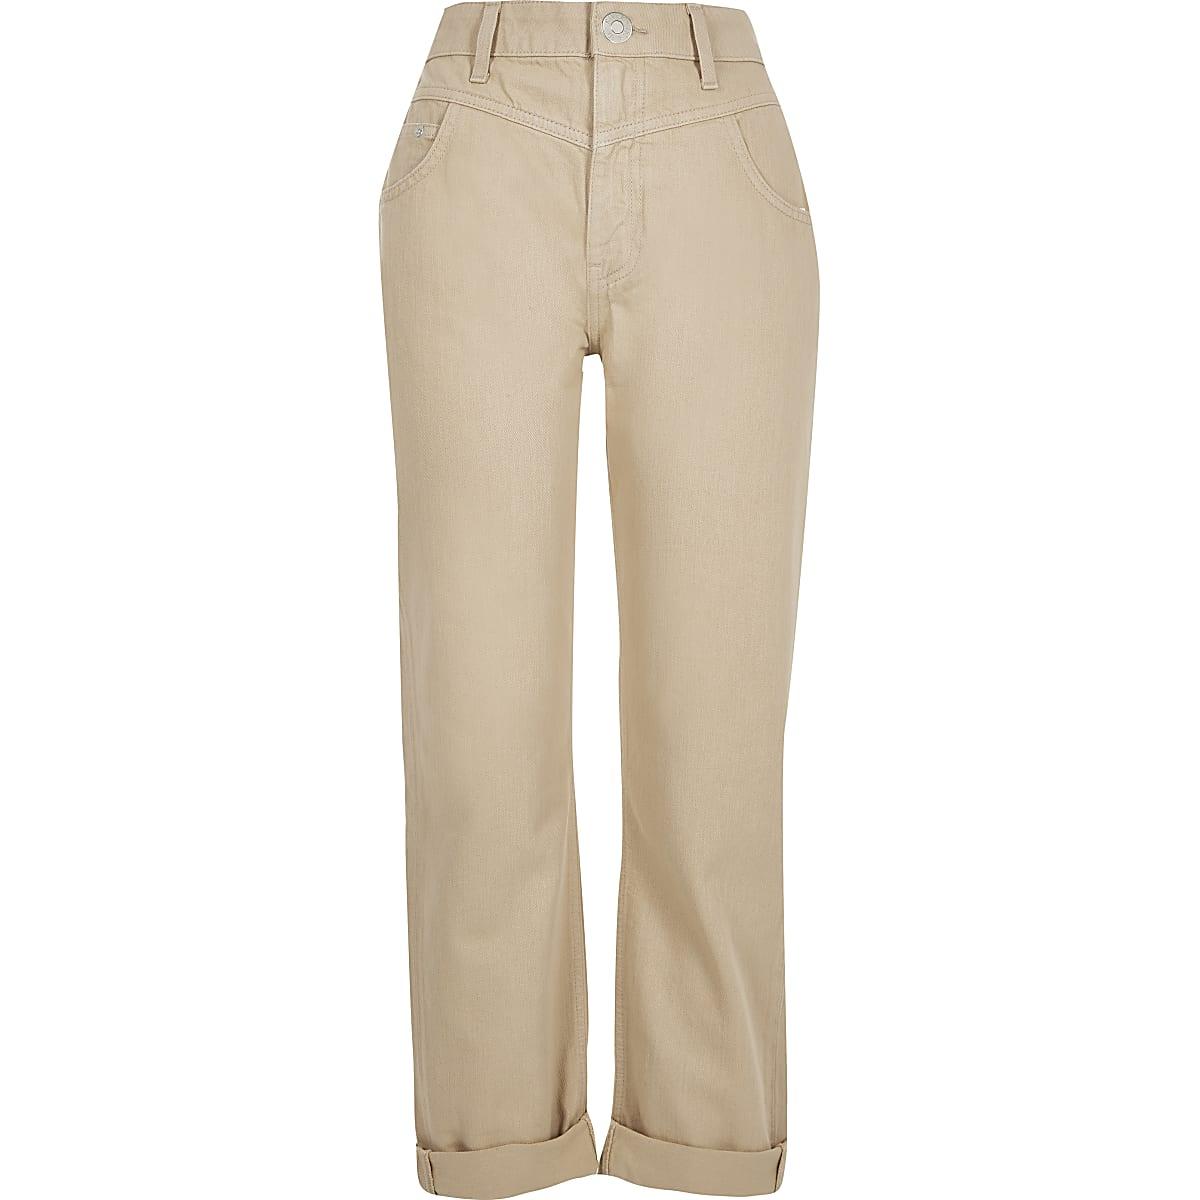 design distinctif qualité de la marque meilleur prix Beige Mom high rise jeans